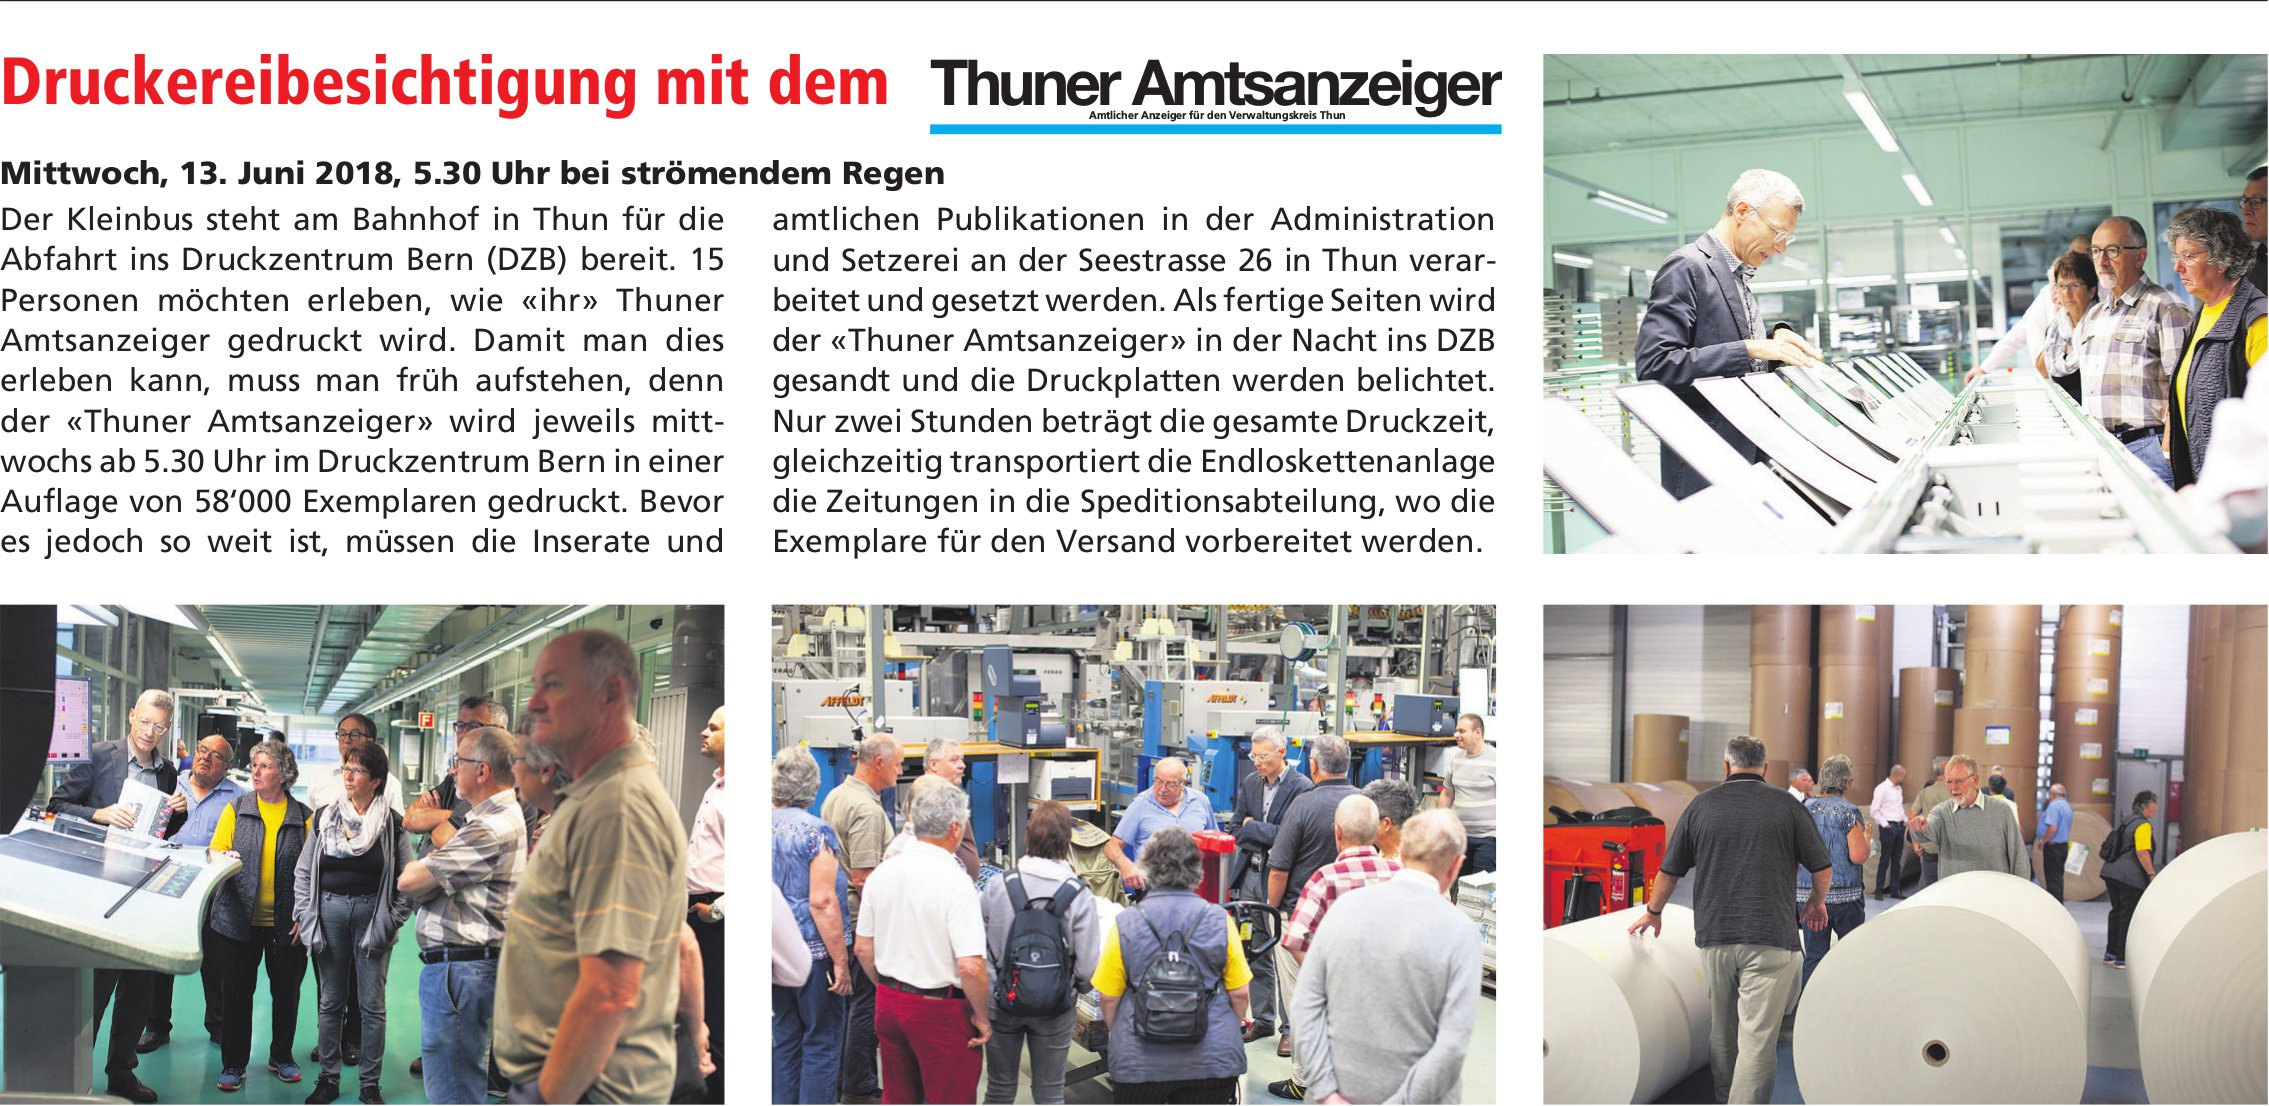 Druckereibesichtigung mit dem Thuner Amtsanzeiger am 13. Juni